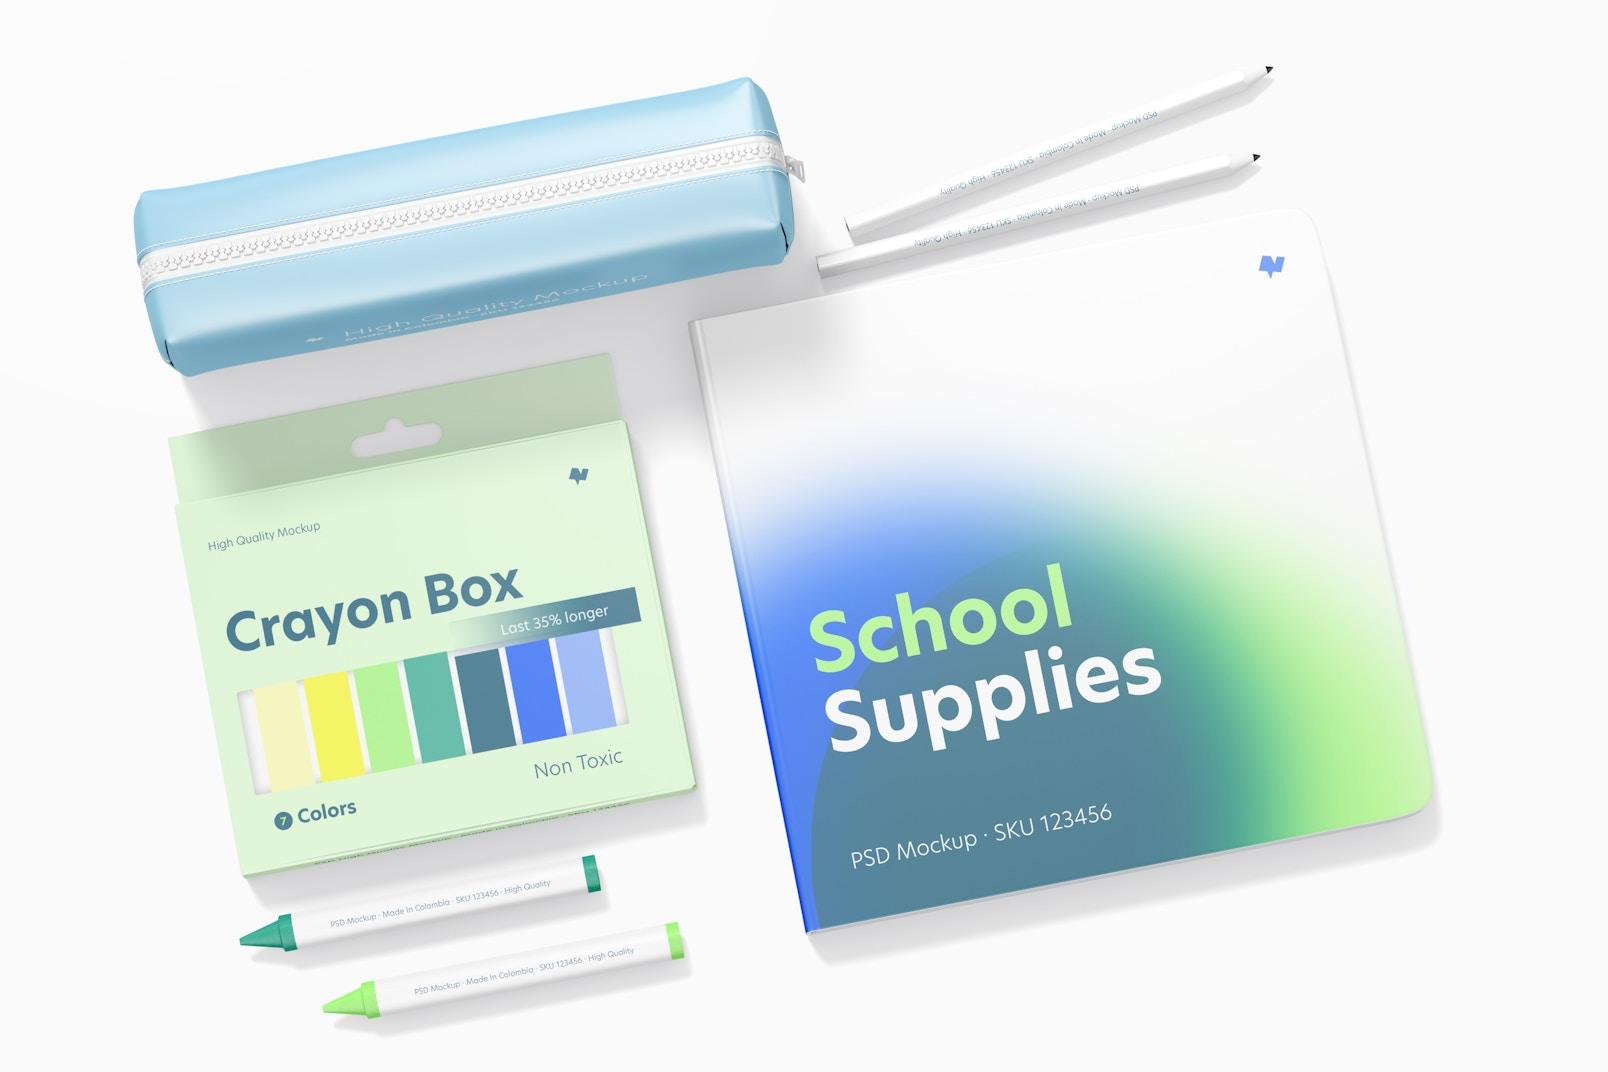 School Supplies Mockup, Top View 03